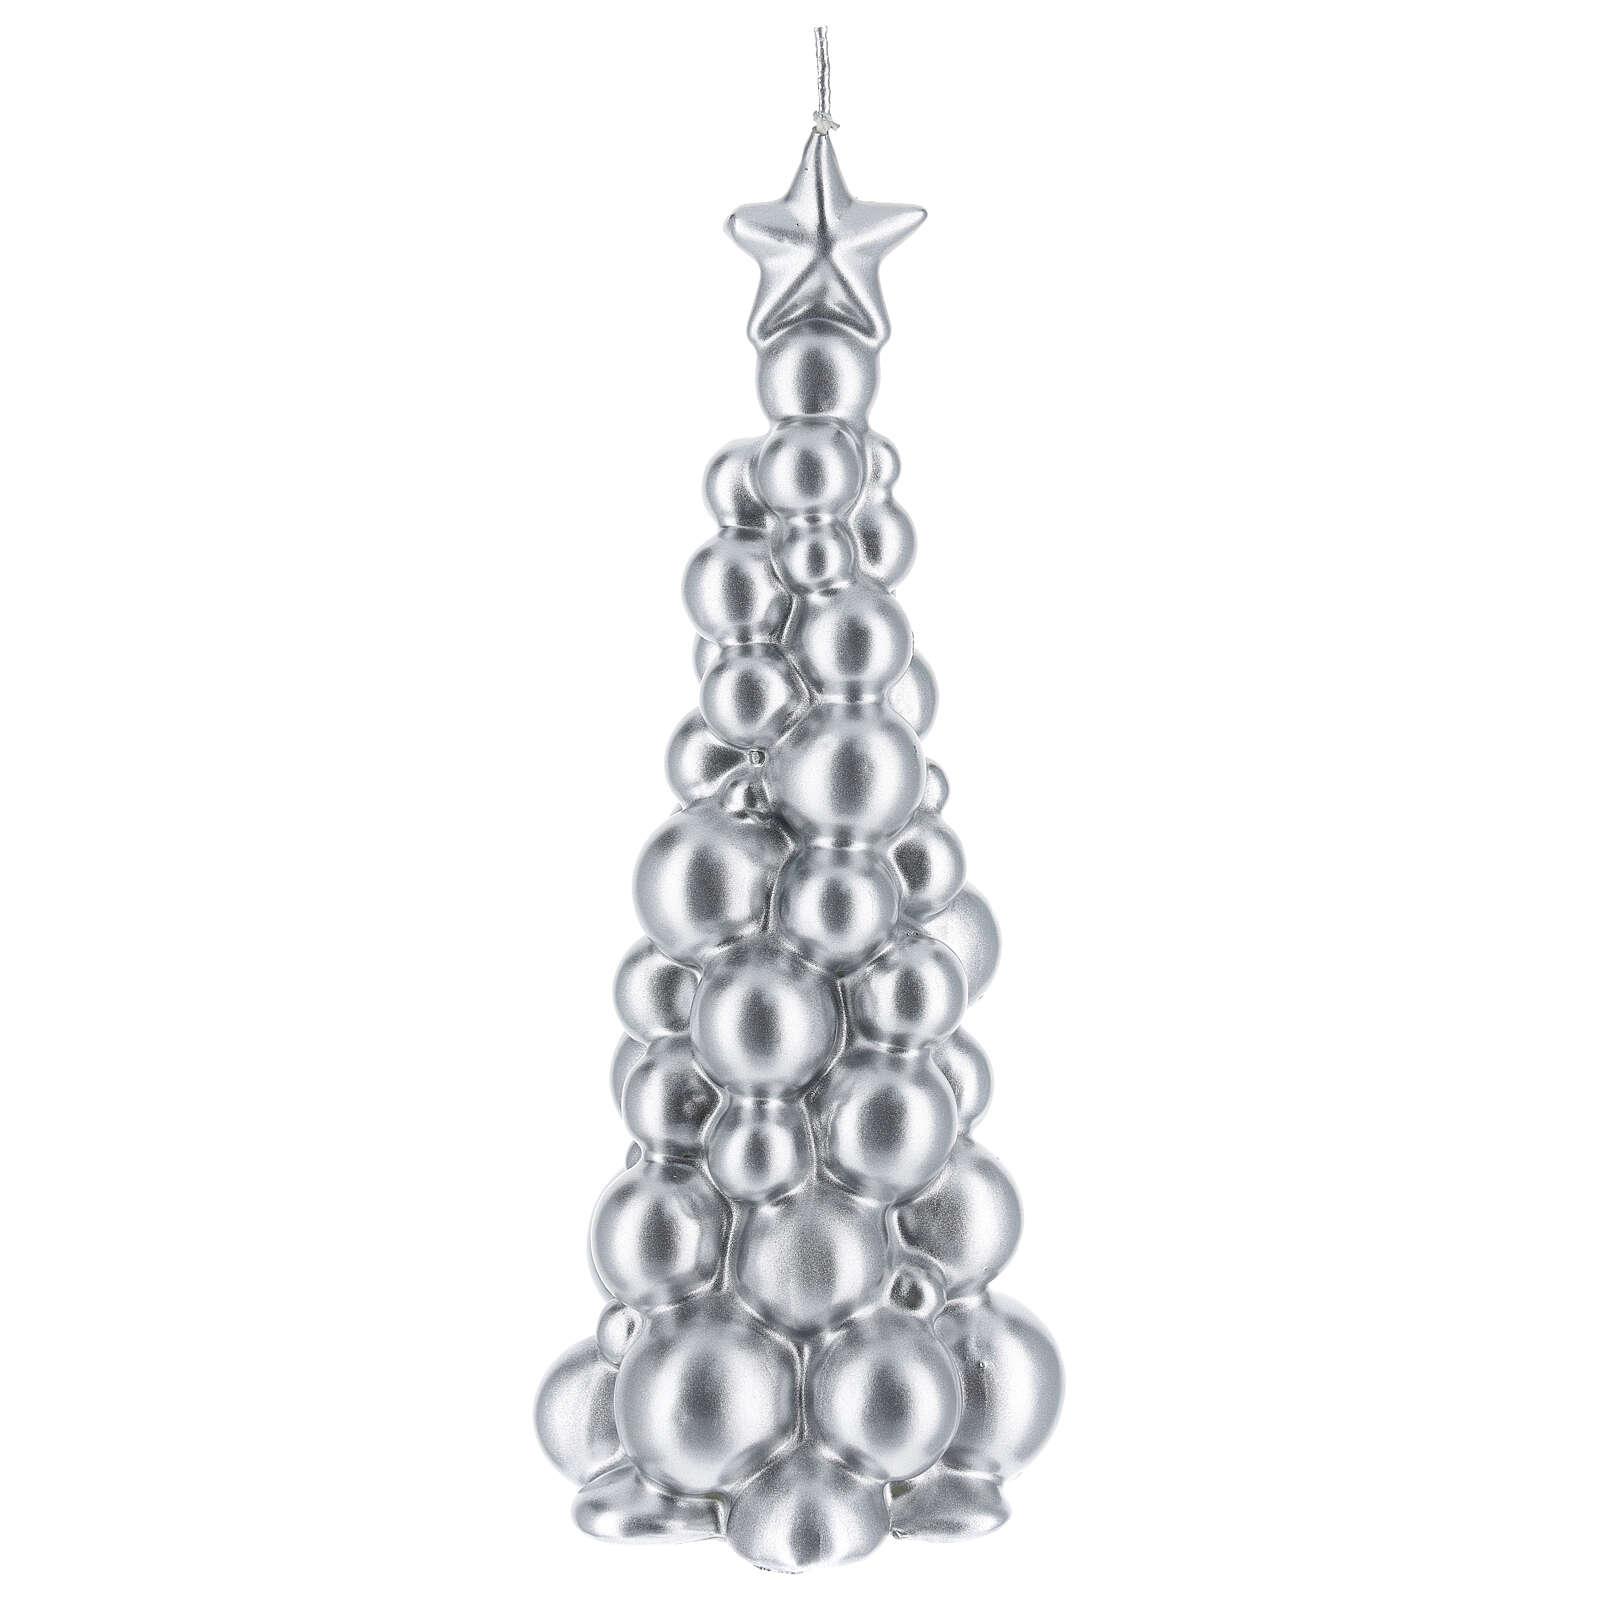 Vela de Natal árvore prateada modelo Moscovo 21 cm 3